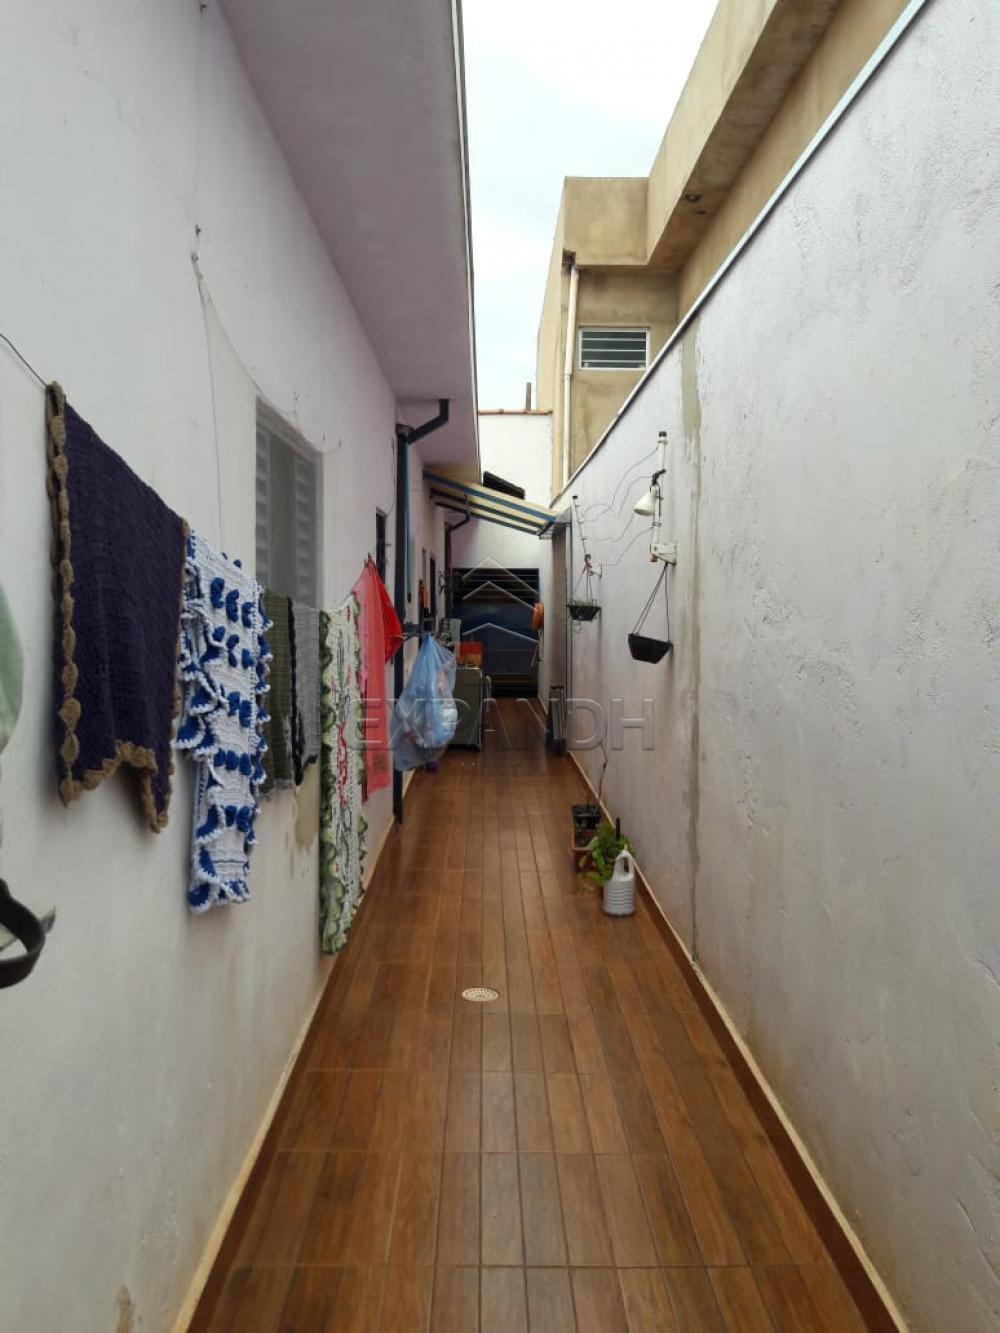 Comprar Casas / Padrão em Sertãozinho R$ 140.000,00 - Foto 11